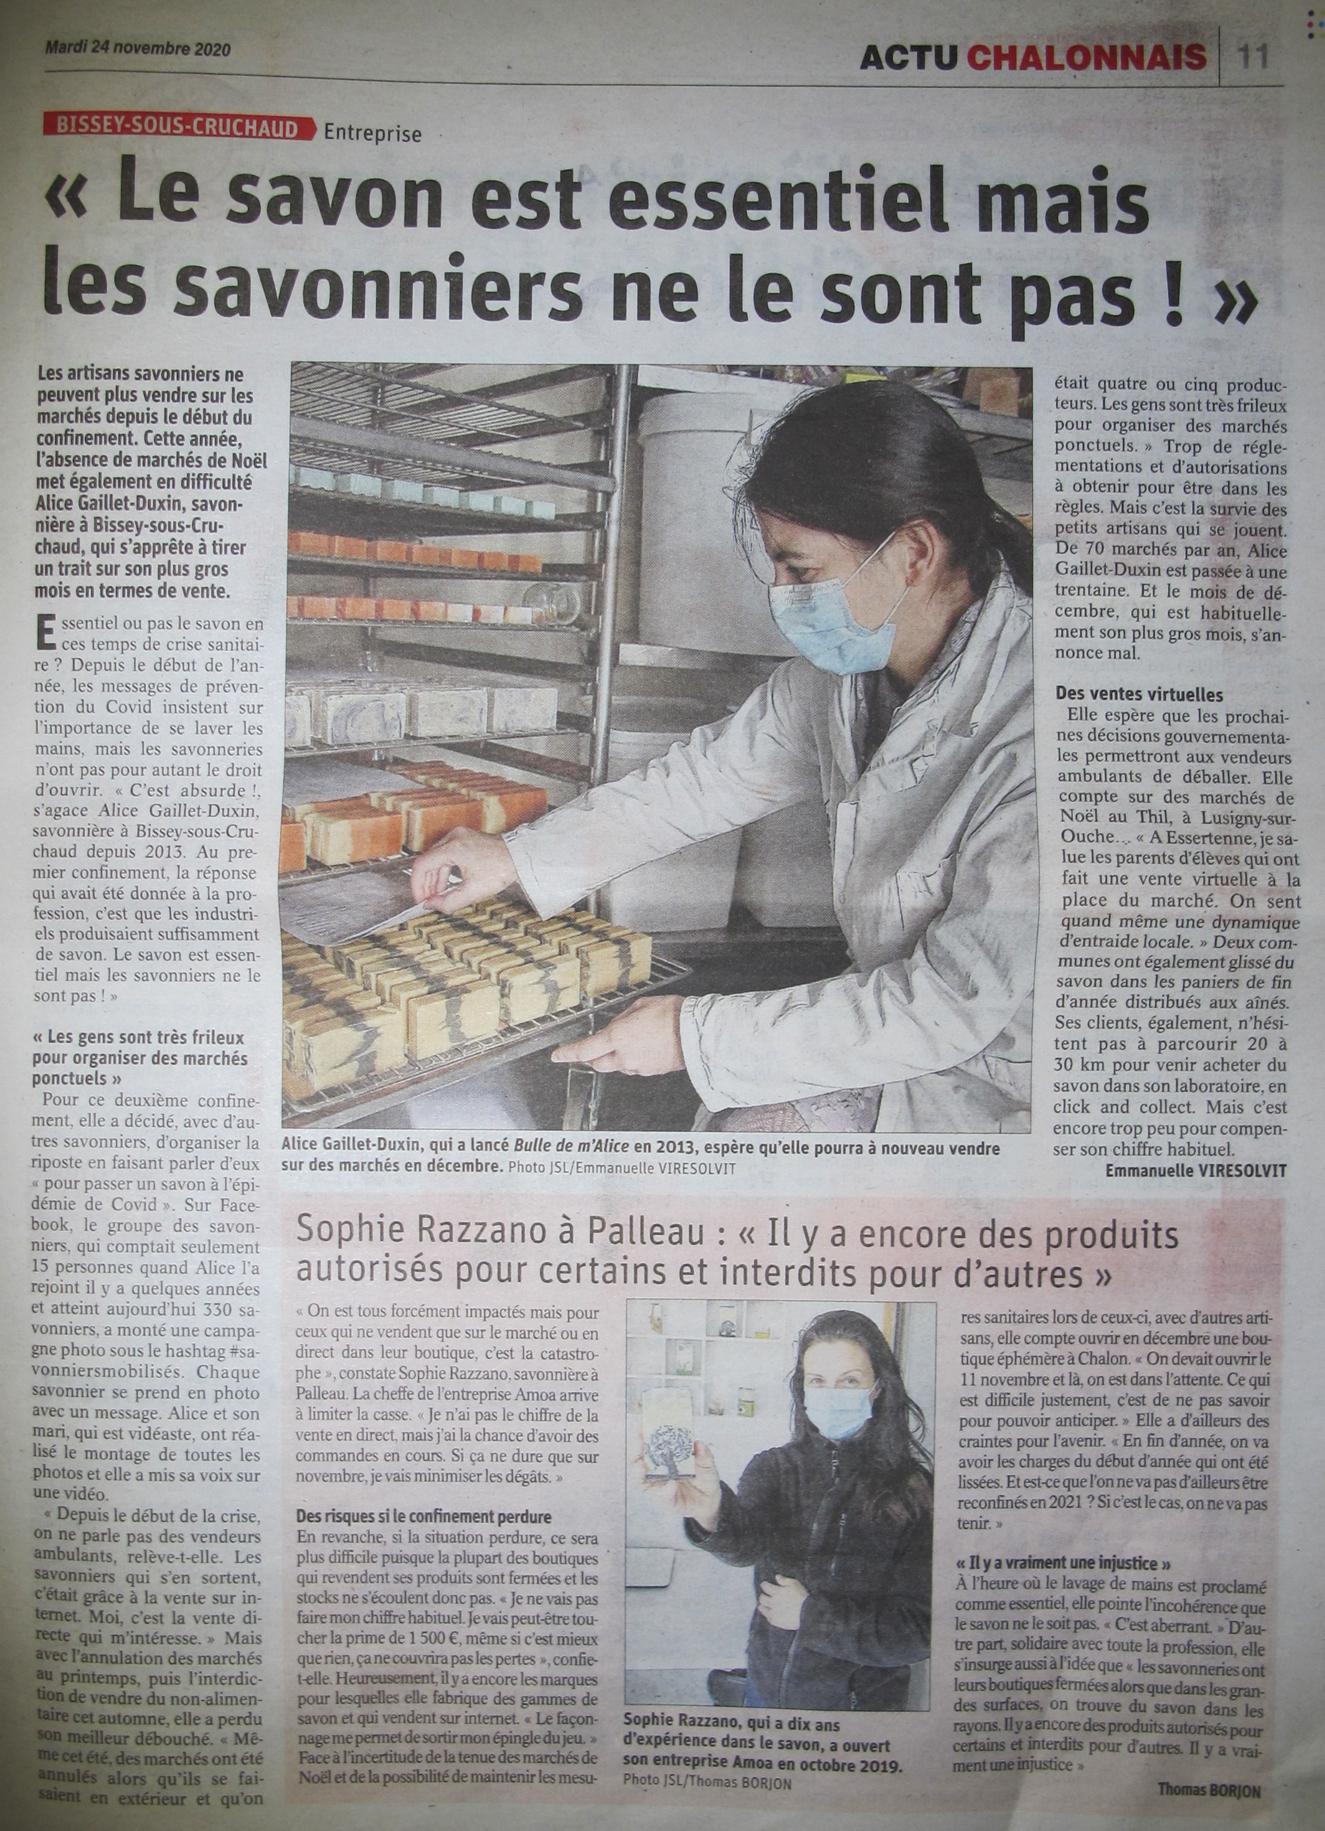 Article du JSL du 24/11/2020 sur notre action #savonniersmobilisés